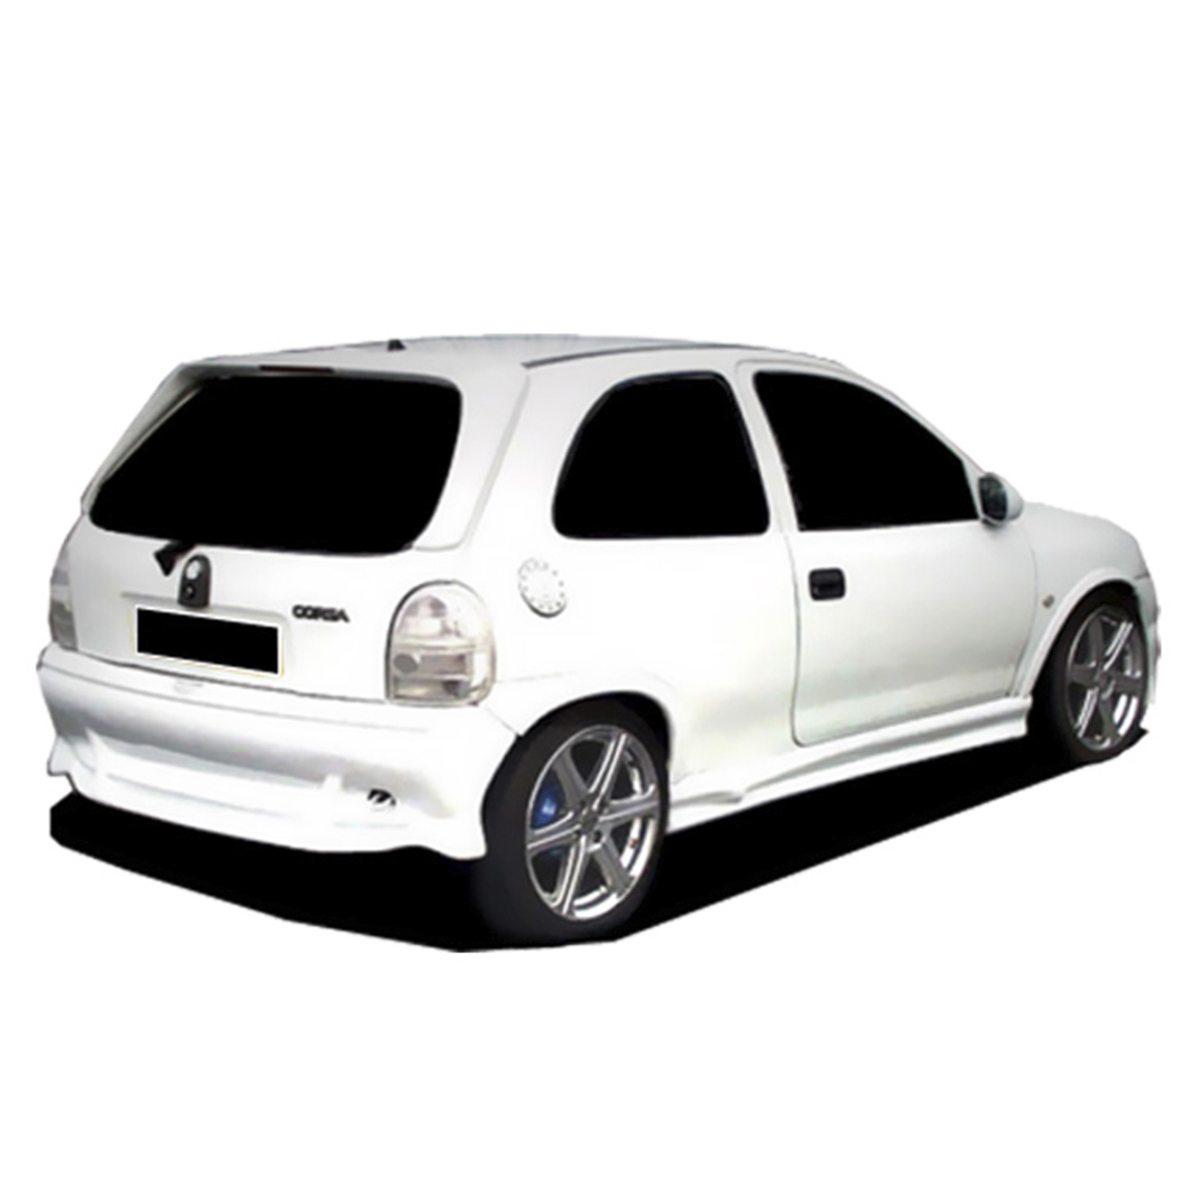 Opel-Corsa-B-EVO-RS-Tras-PCA231